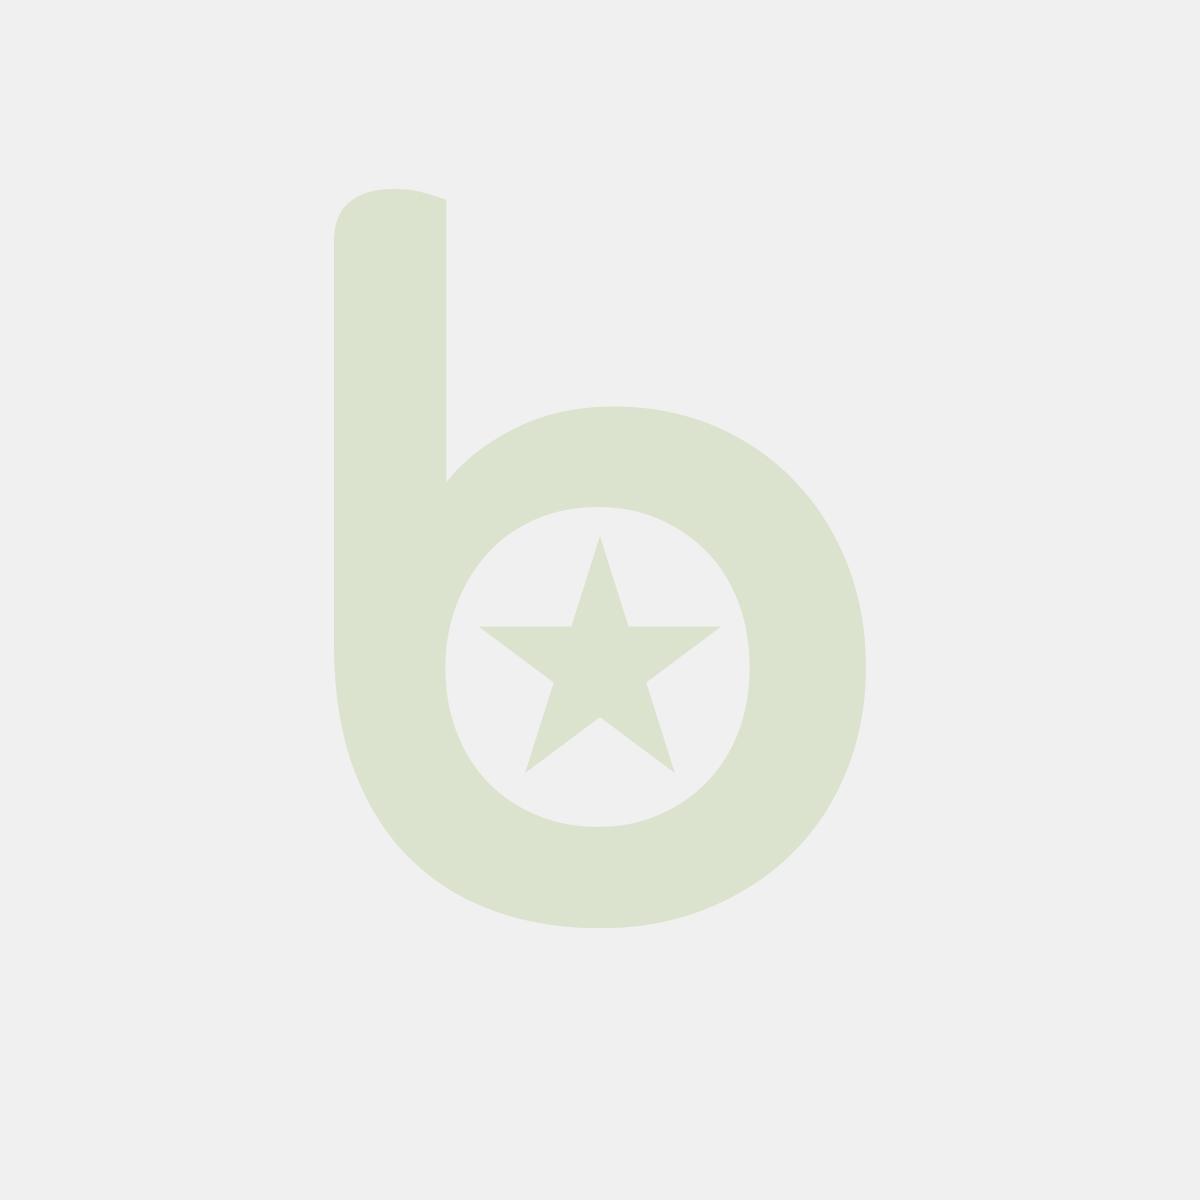 FINGERFOOD - miseczka PS 7,9x5,5xh.1,6cm transparentna op. 50 sztuk